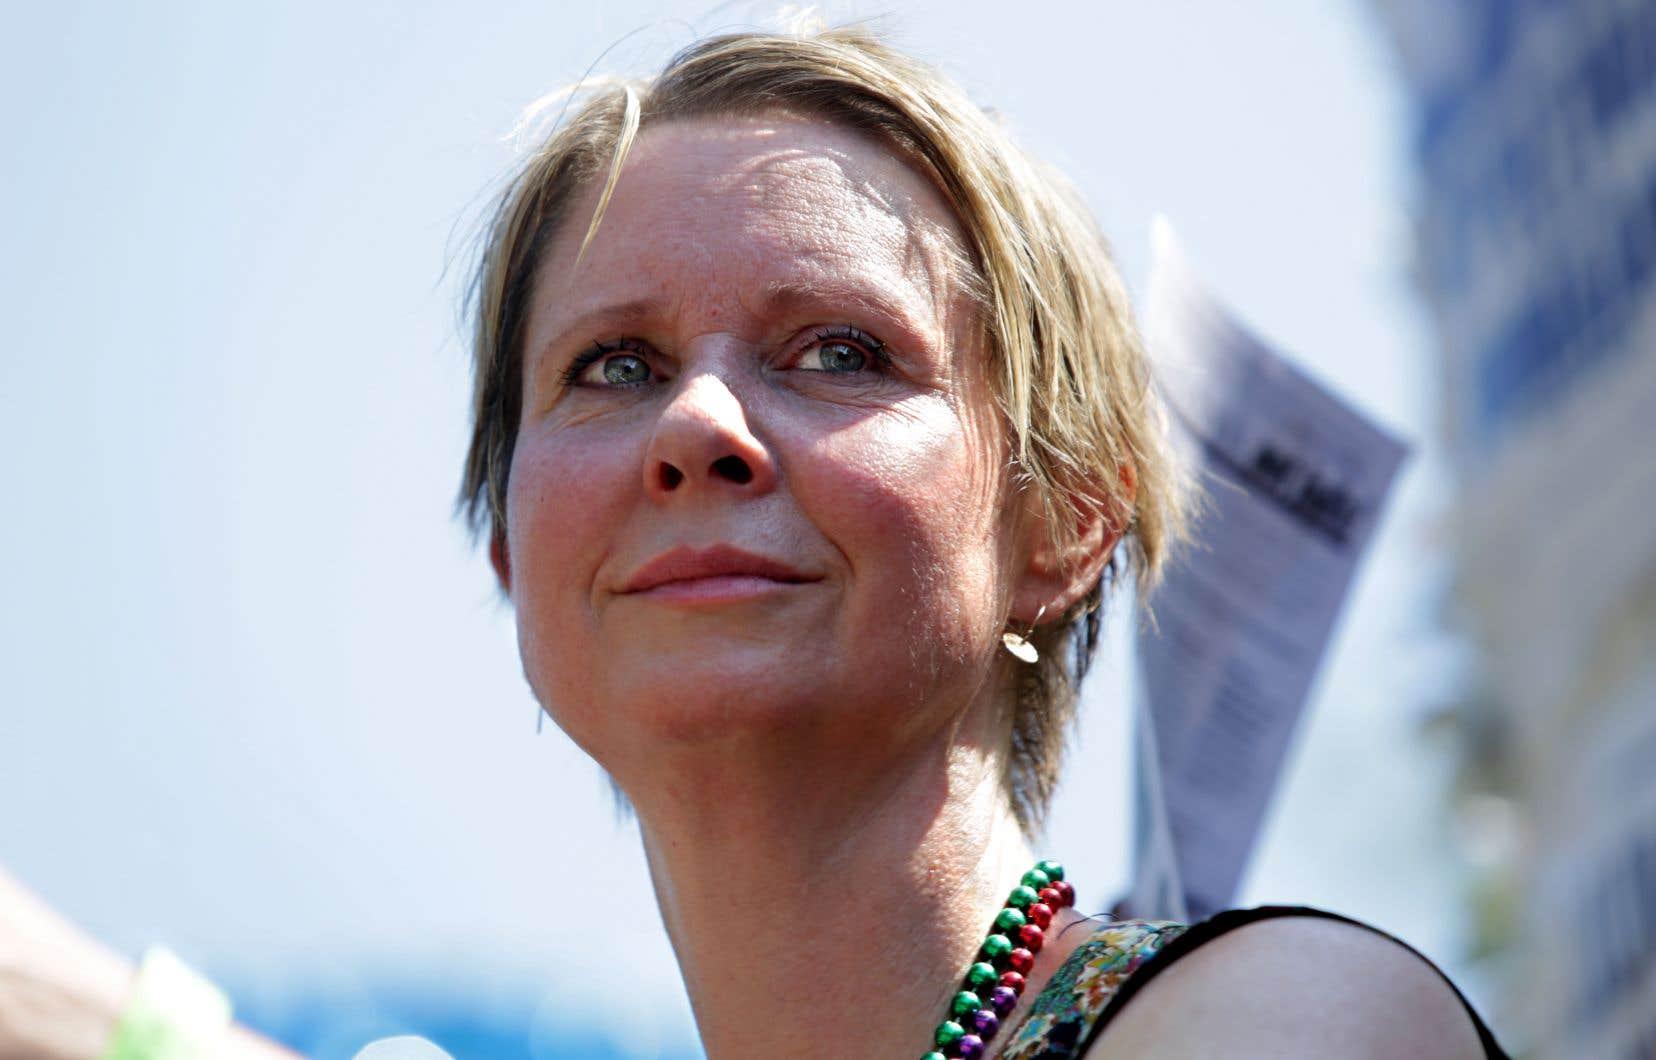 L'actrice de la série «Sex and the City»Cynthia Nixon n'a pas réussi à détrôner le puissant gouverneur de New York Andrew Cuomo.